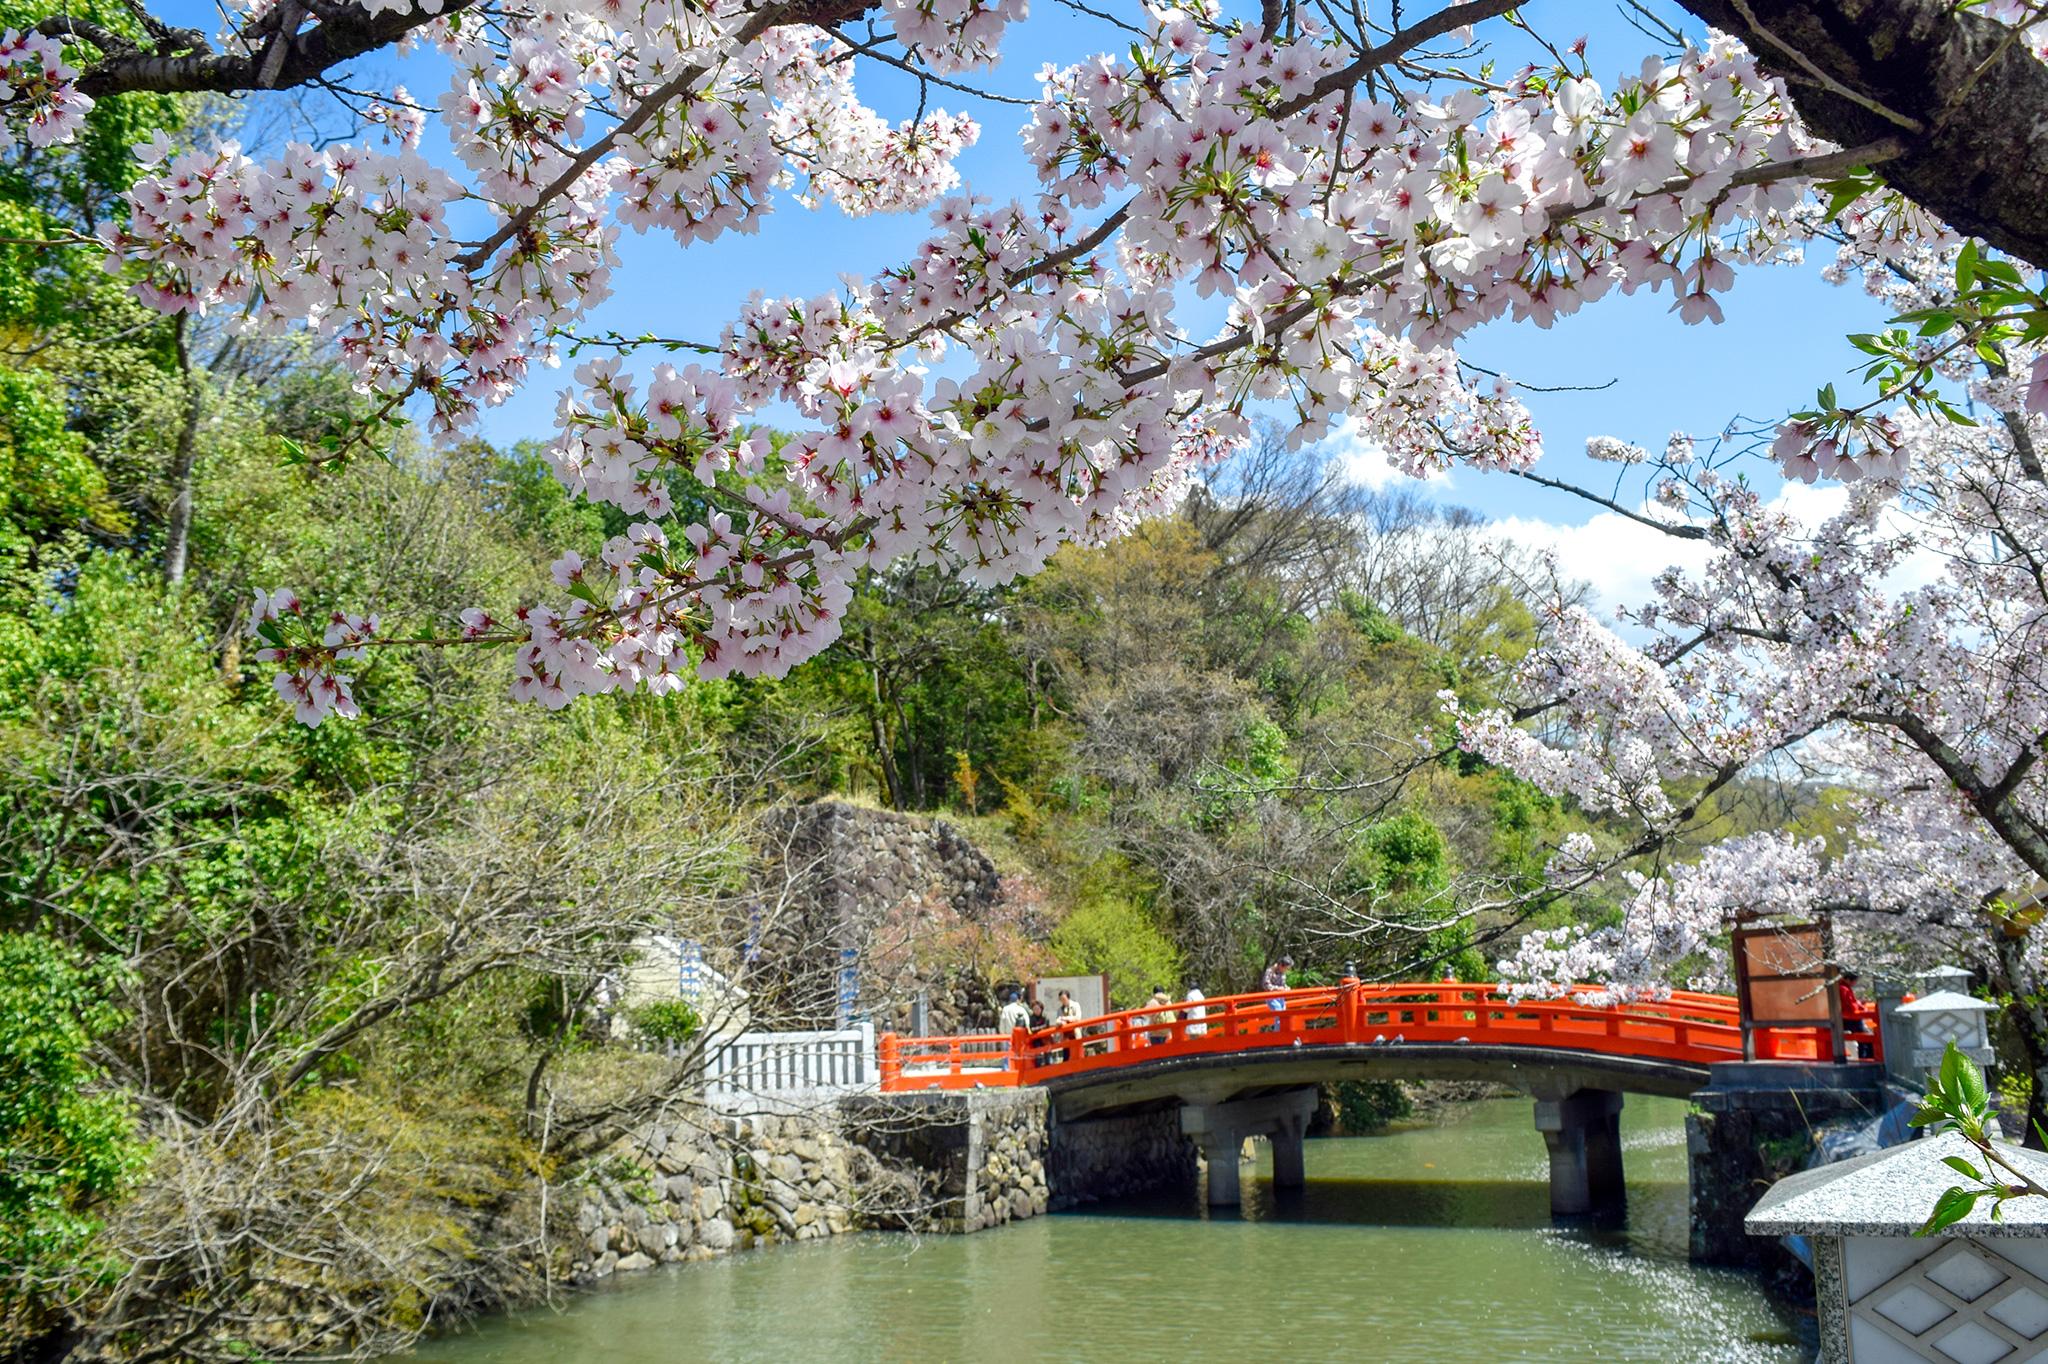 武田神社 武田通りの桜 写真2